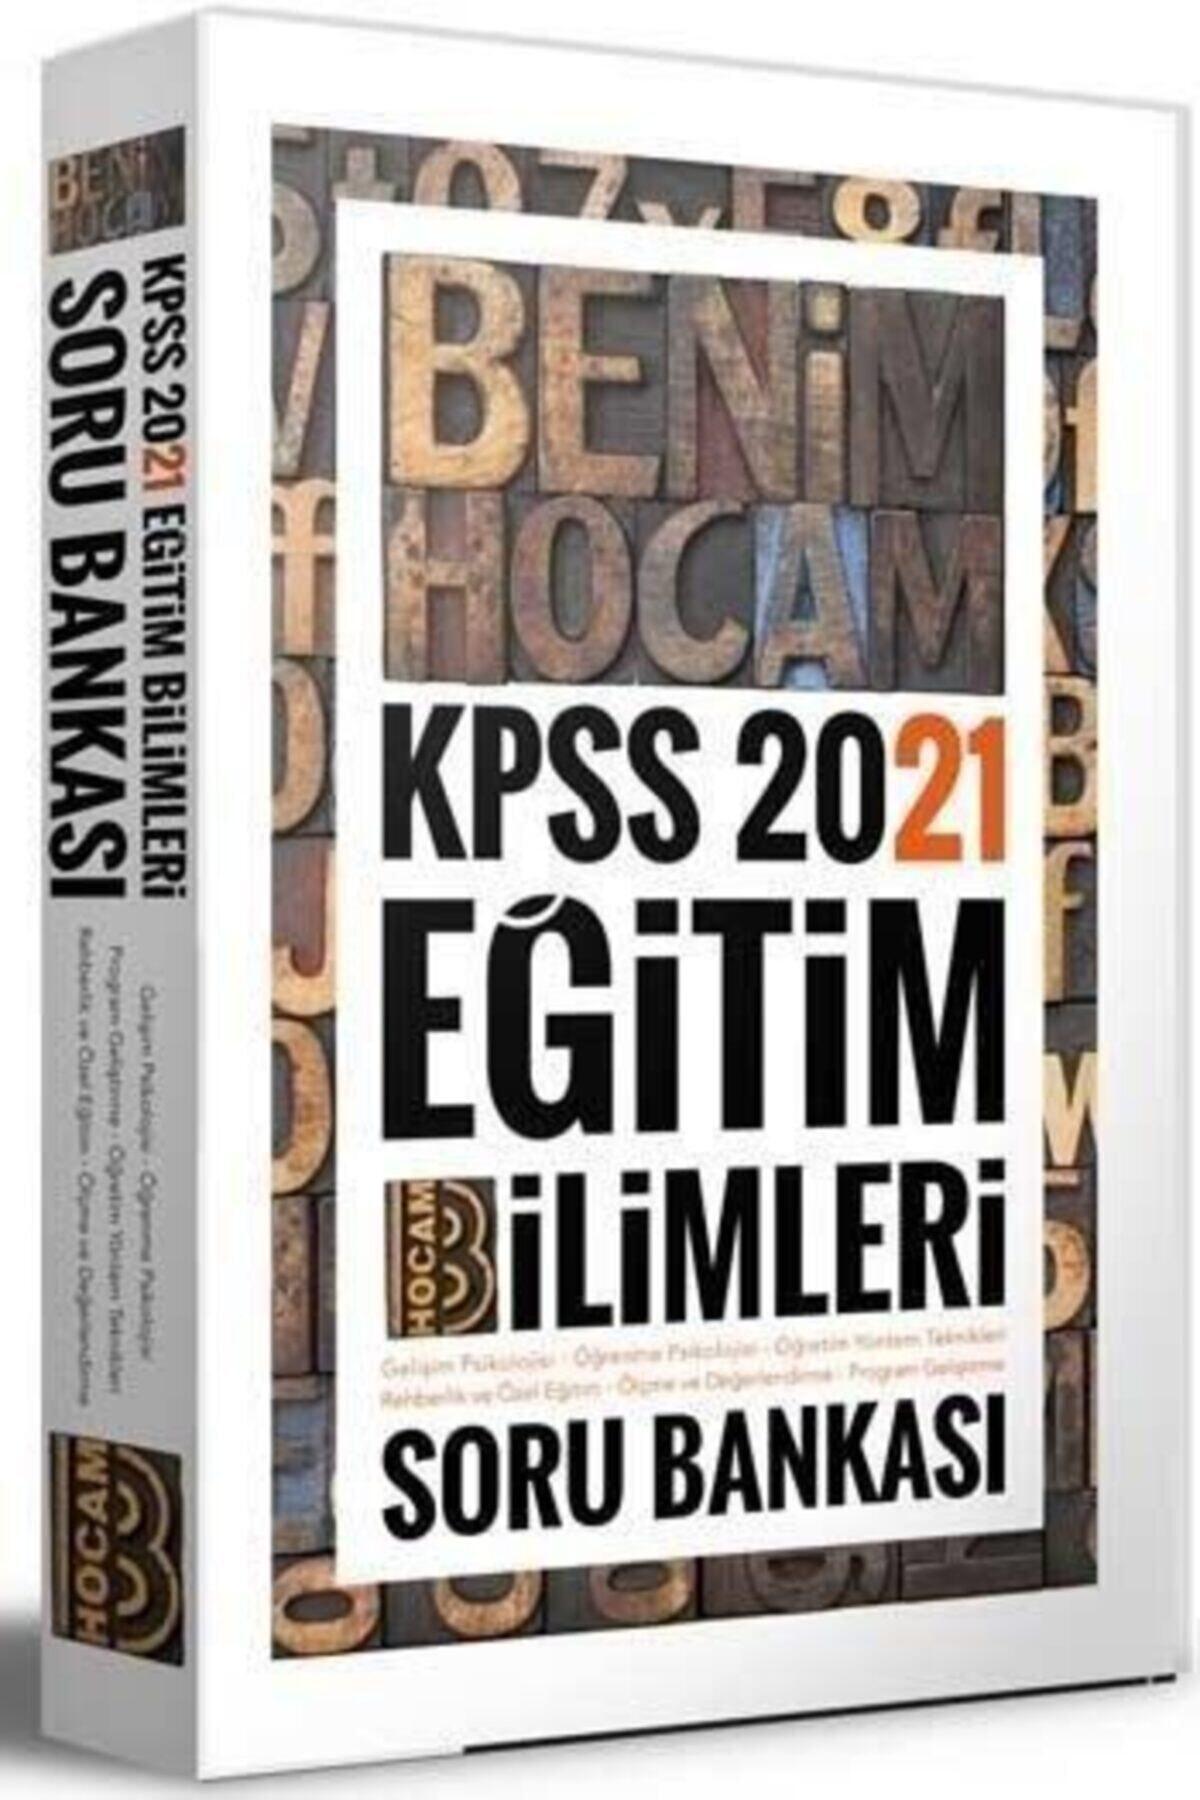 Benim Hocam Yayınları 2021 Kpss Eğitim Bilimleri Tek Kitap Soru Bankası 1